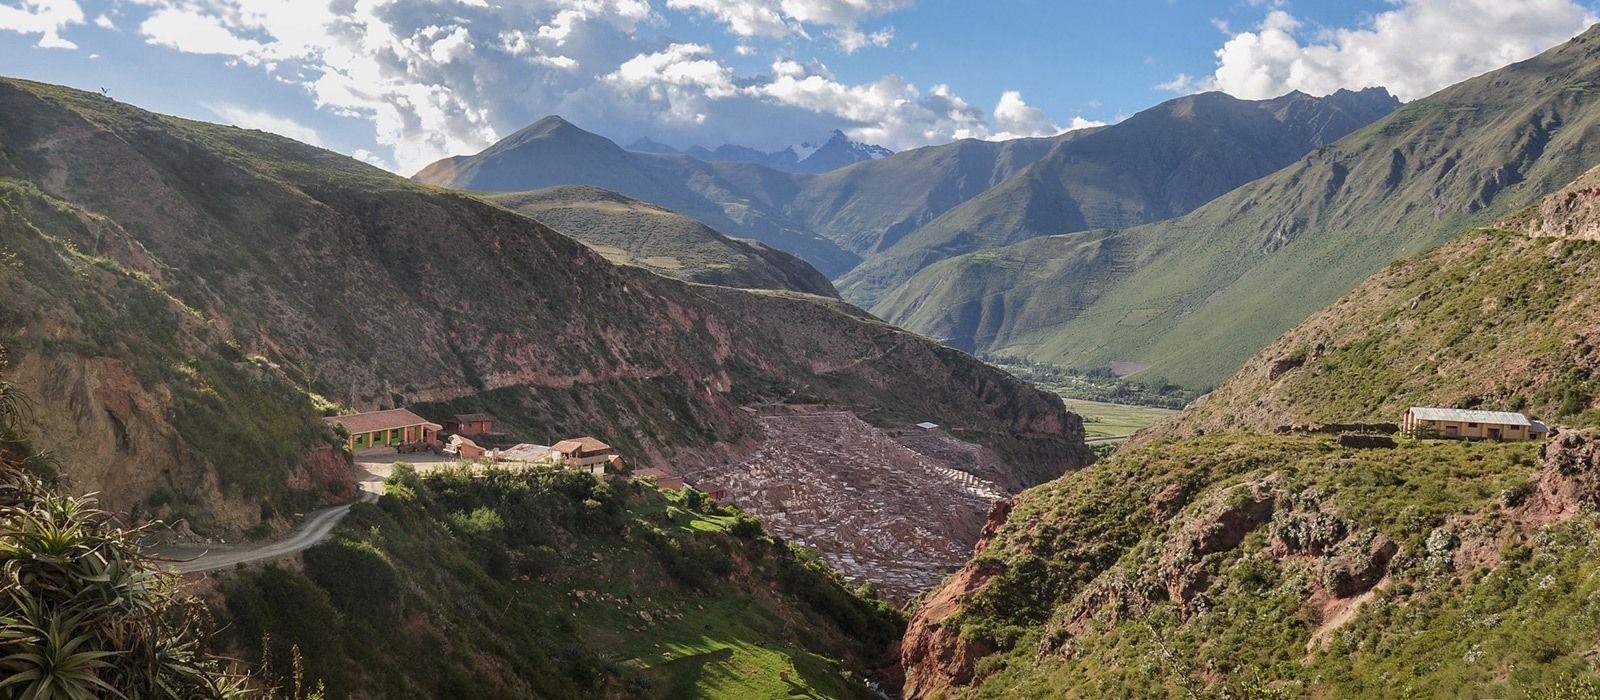 Peru Erlebnisreise: Die Anden und der Amazonas Urlaub 3